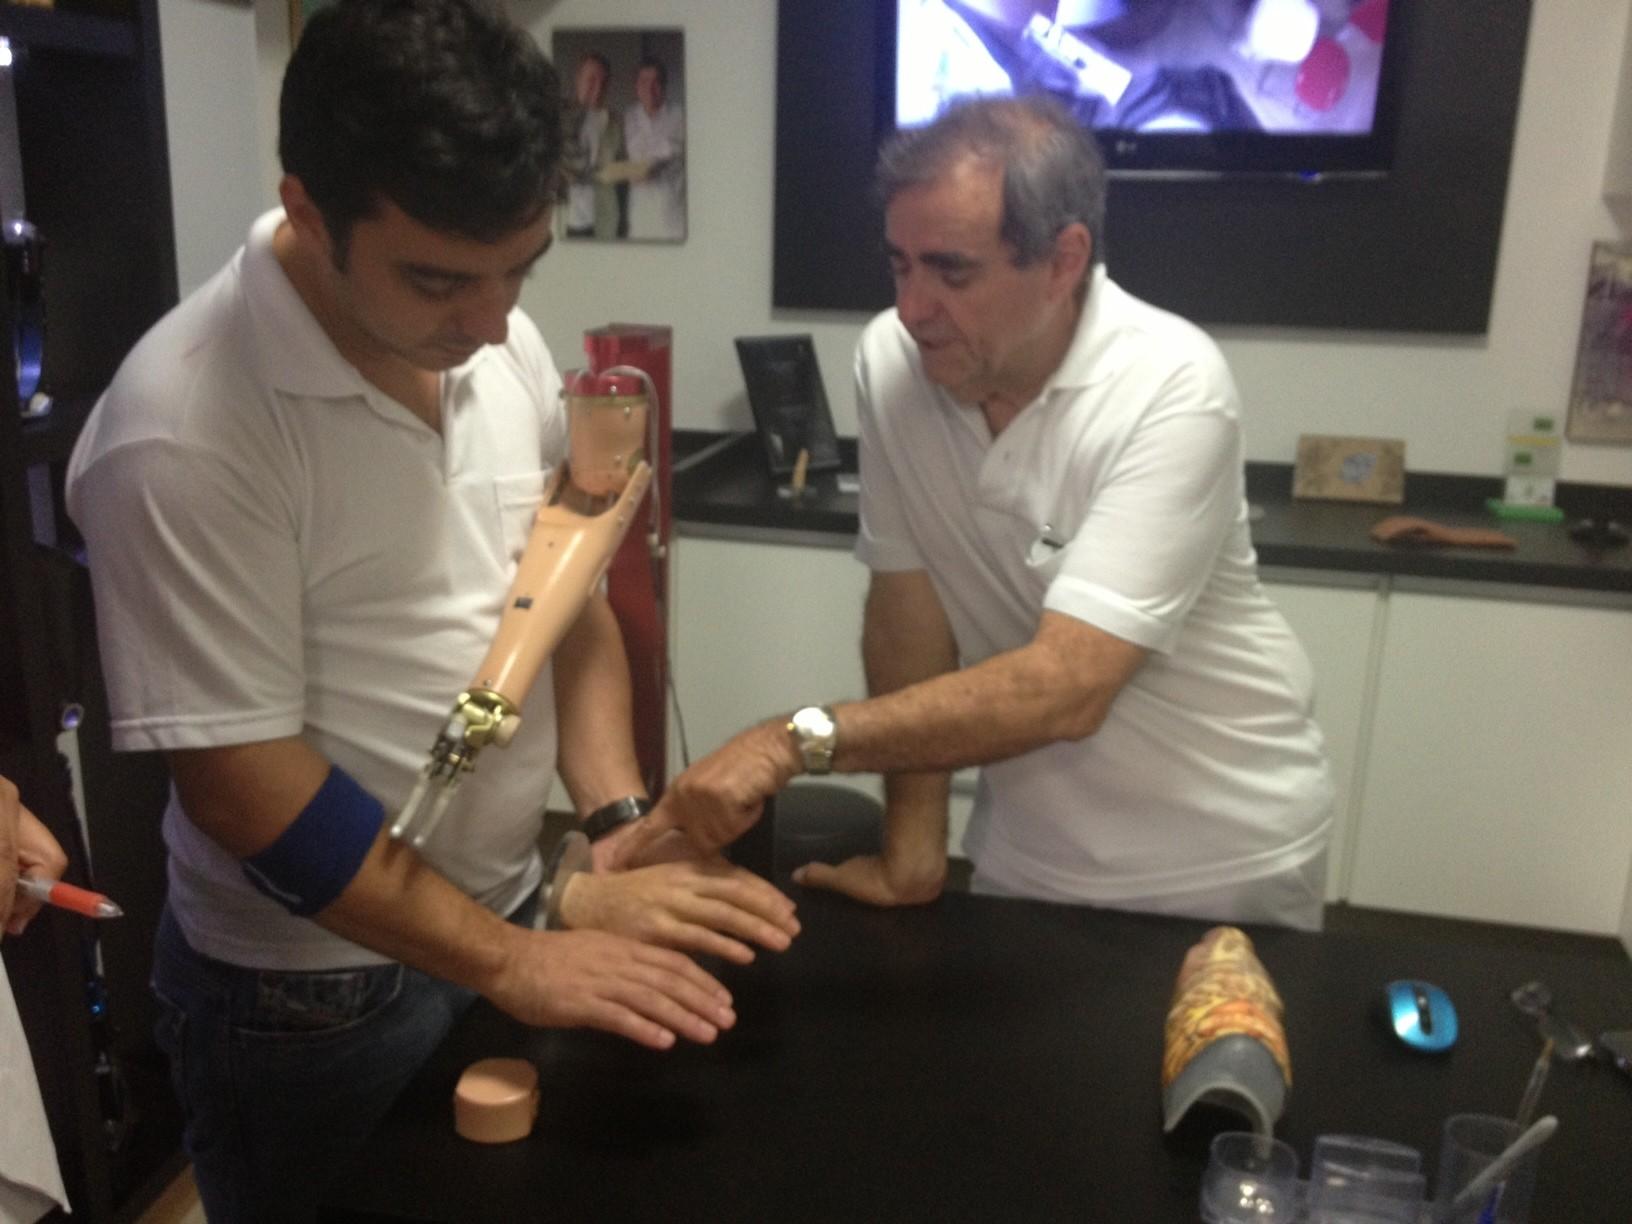 O tipo de prótese vai depender de uma avaliação (Foto: Luana Eid / G1)